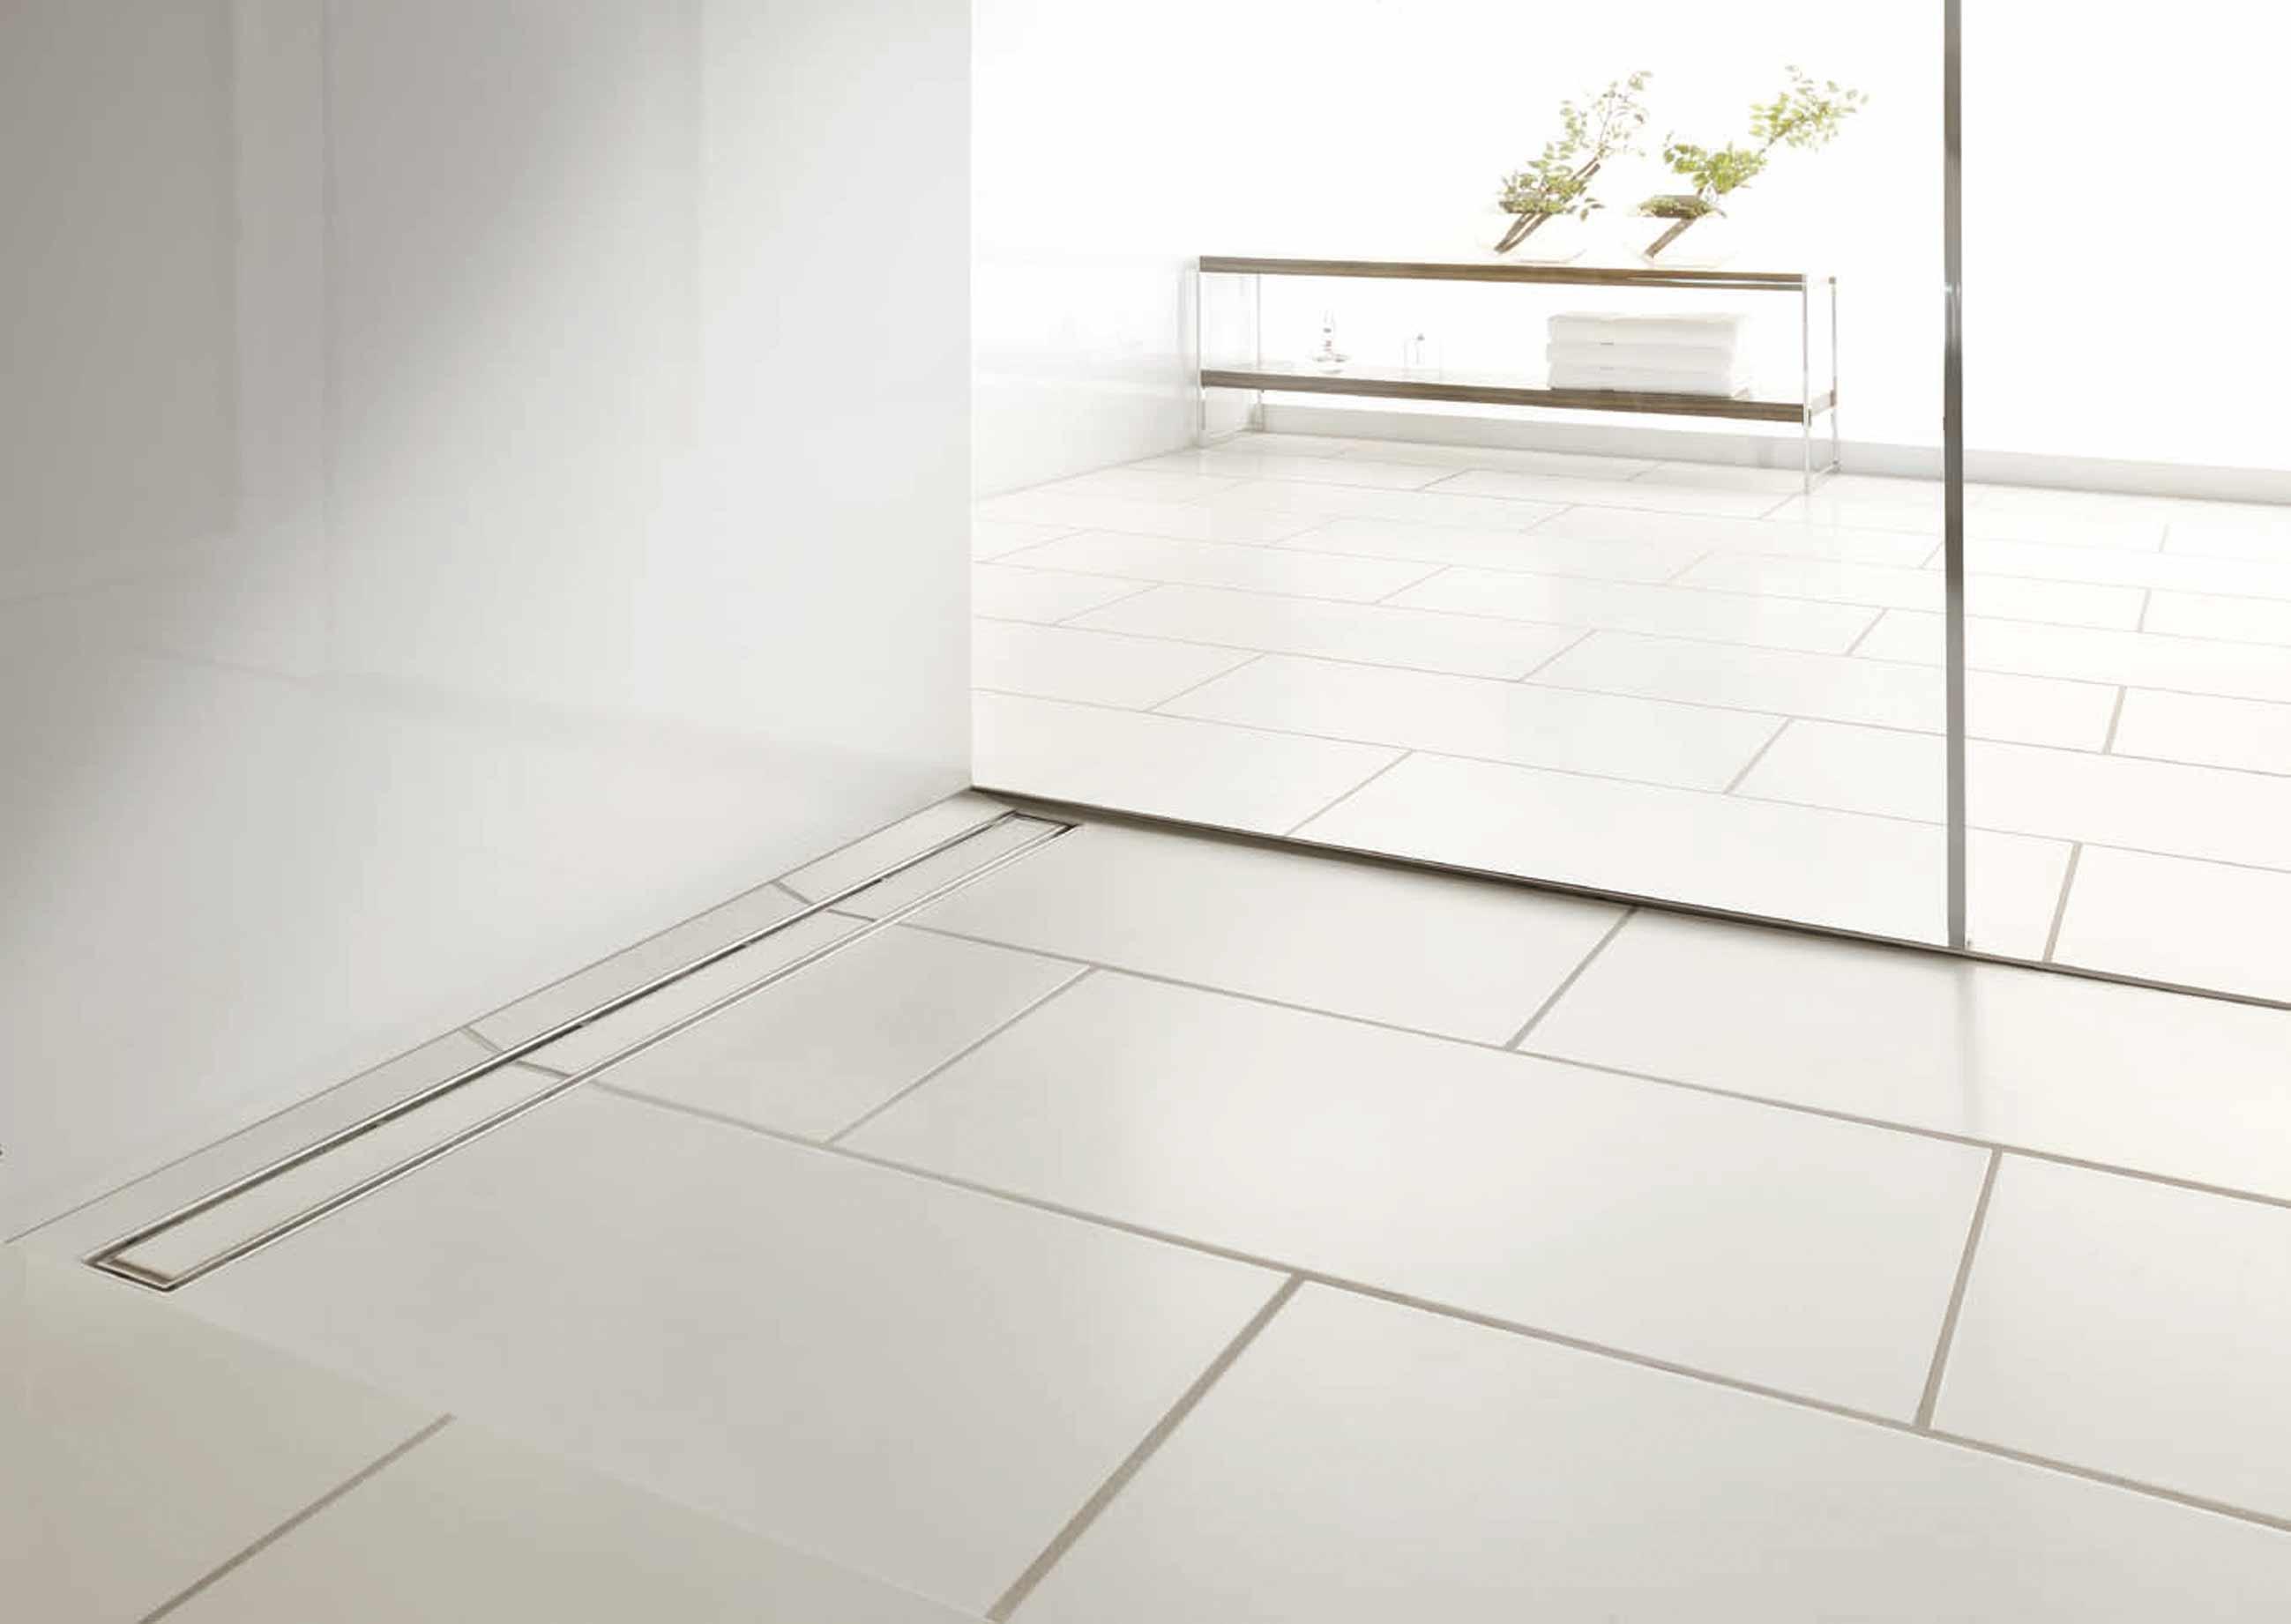 Piatto doccia filo pavimento piastrellabile raccordi - Piatto doccia piastrellabile ...